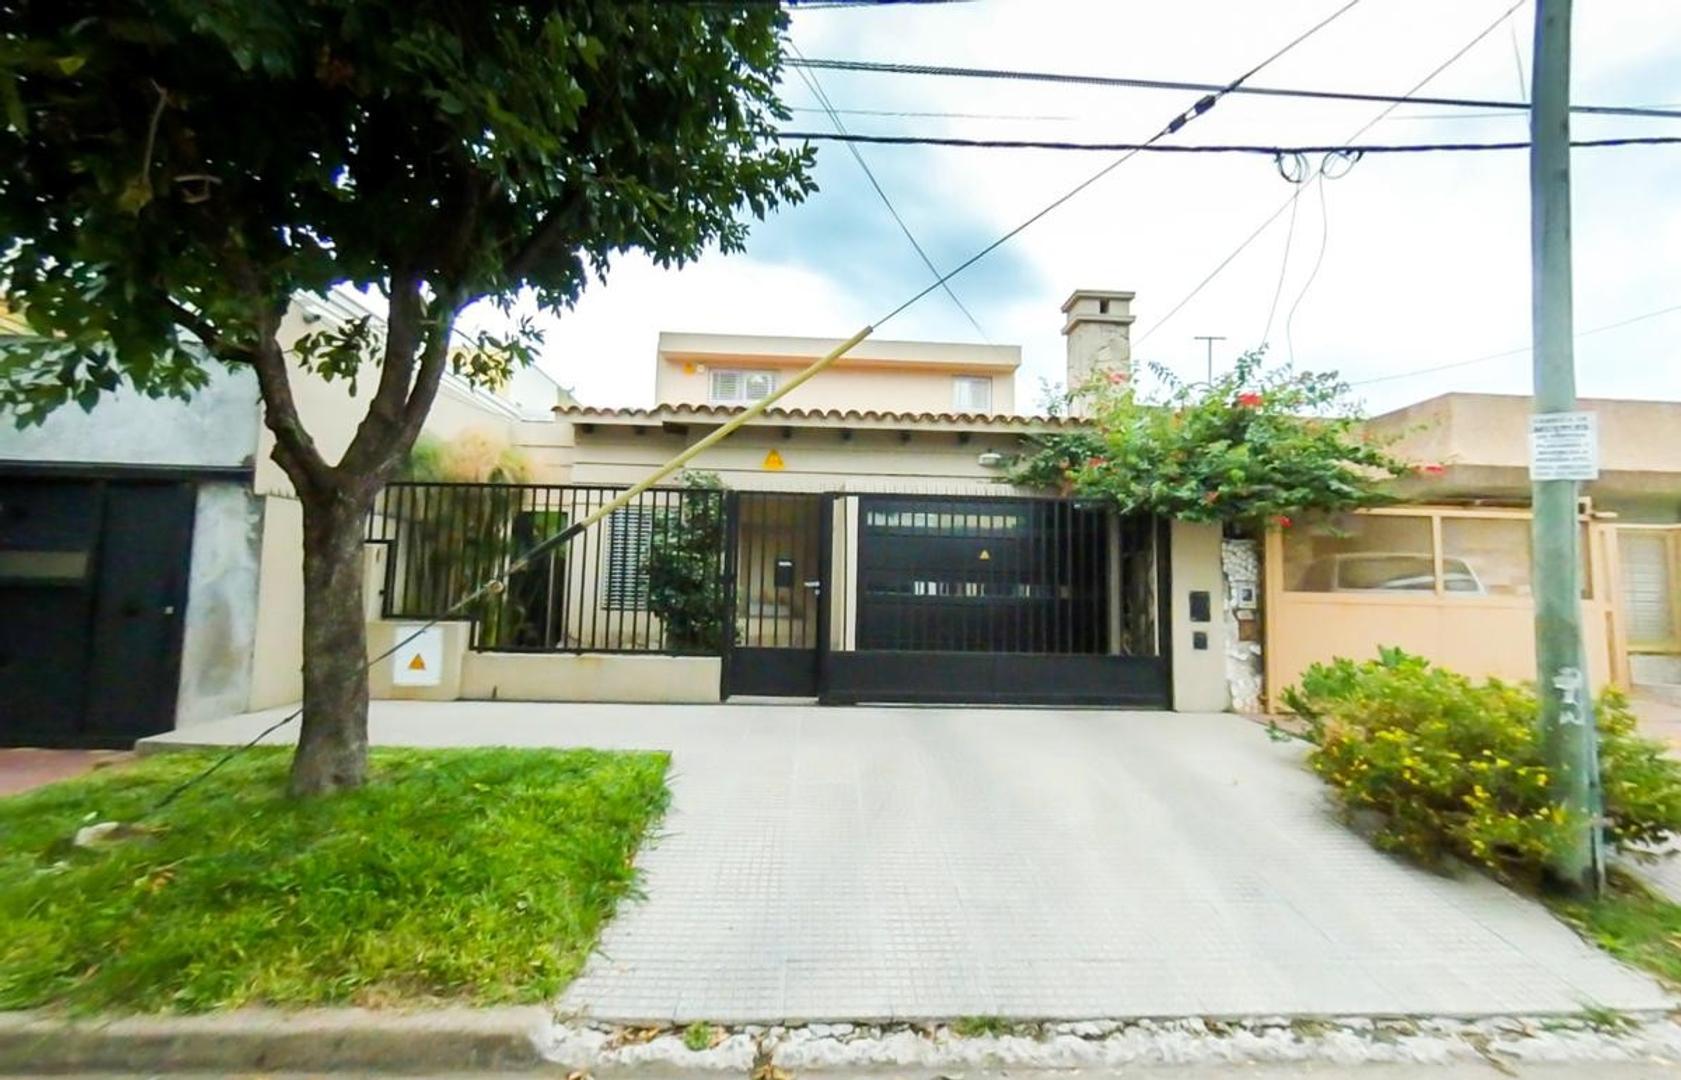 Casa en Venta en Sarmiento - 5 ambientes